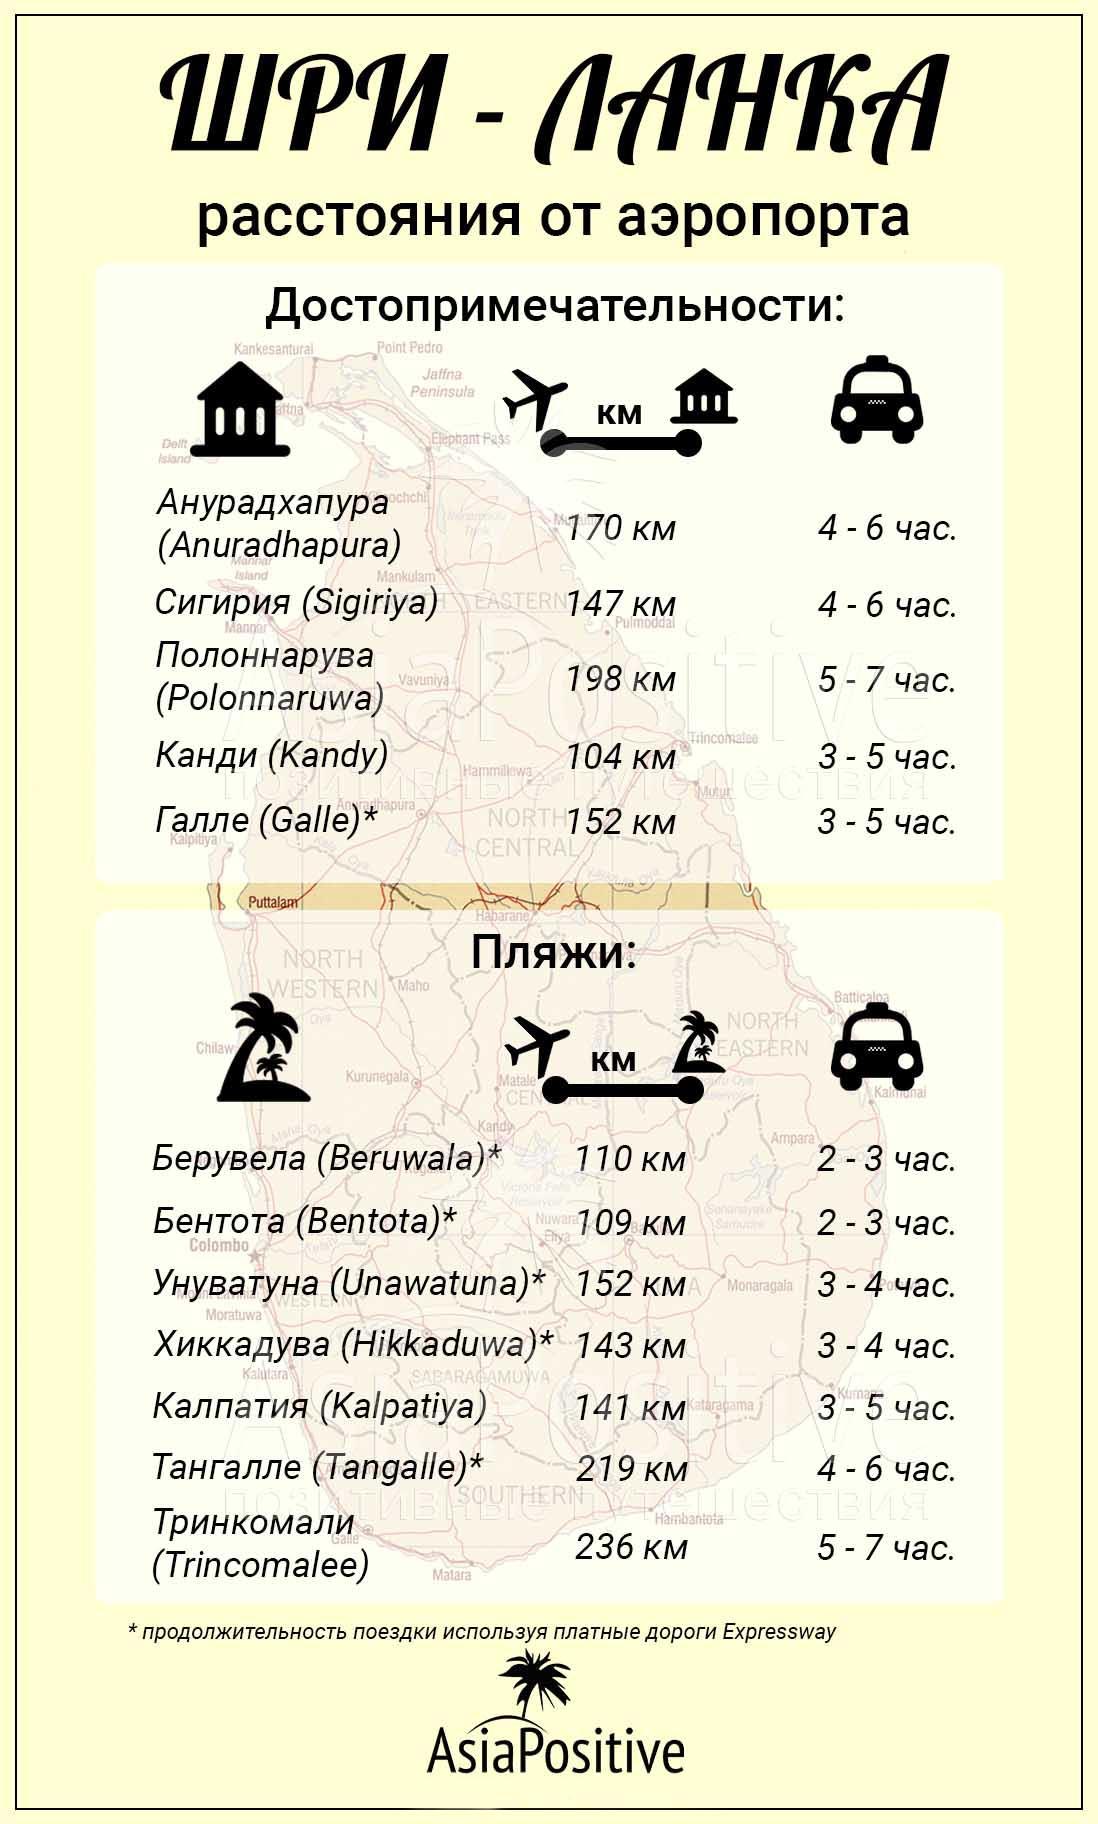 Инфографика расстояния от аэропорта Коломбо до достопримечательностей и пляжей Шри-Ланки | Расстояние и продолжительность поездки от аэропорта Коломбо до пляжей и достопримечательностей Шри-Ланки. | Сколько ехать из аэропорта до отеля на Шри-Ланке | Путешествия по Азии AsiaPositive.com